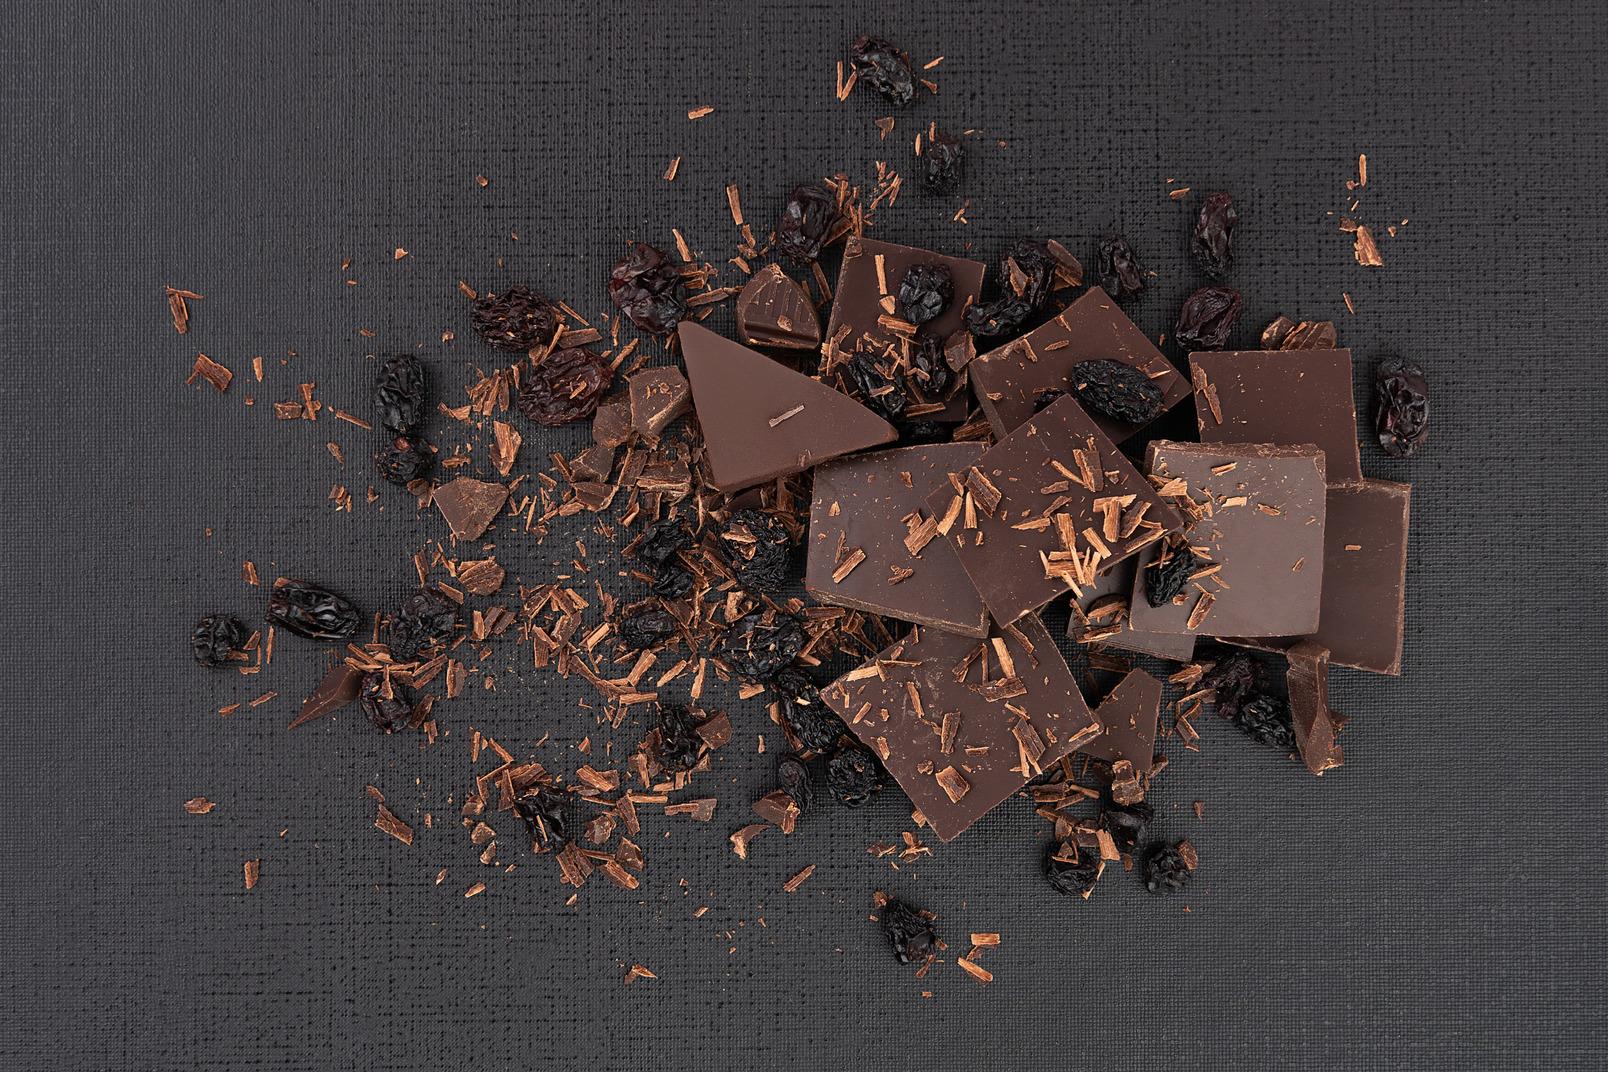 Dunkle schokolade mit rosinen und gewürzen abgestürzt